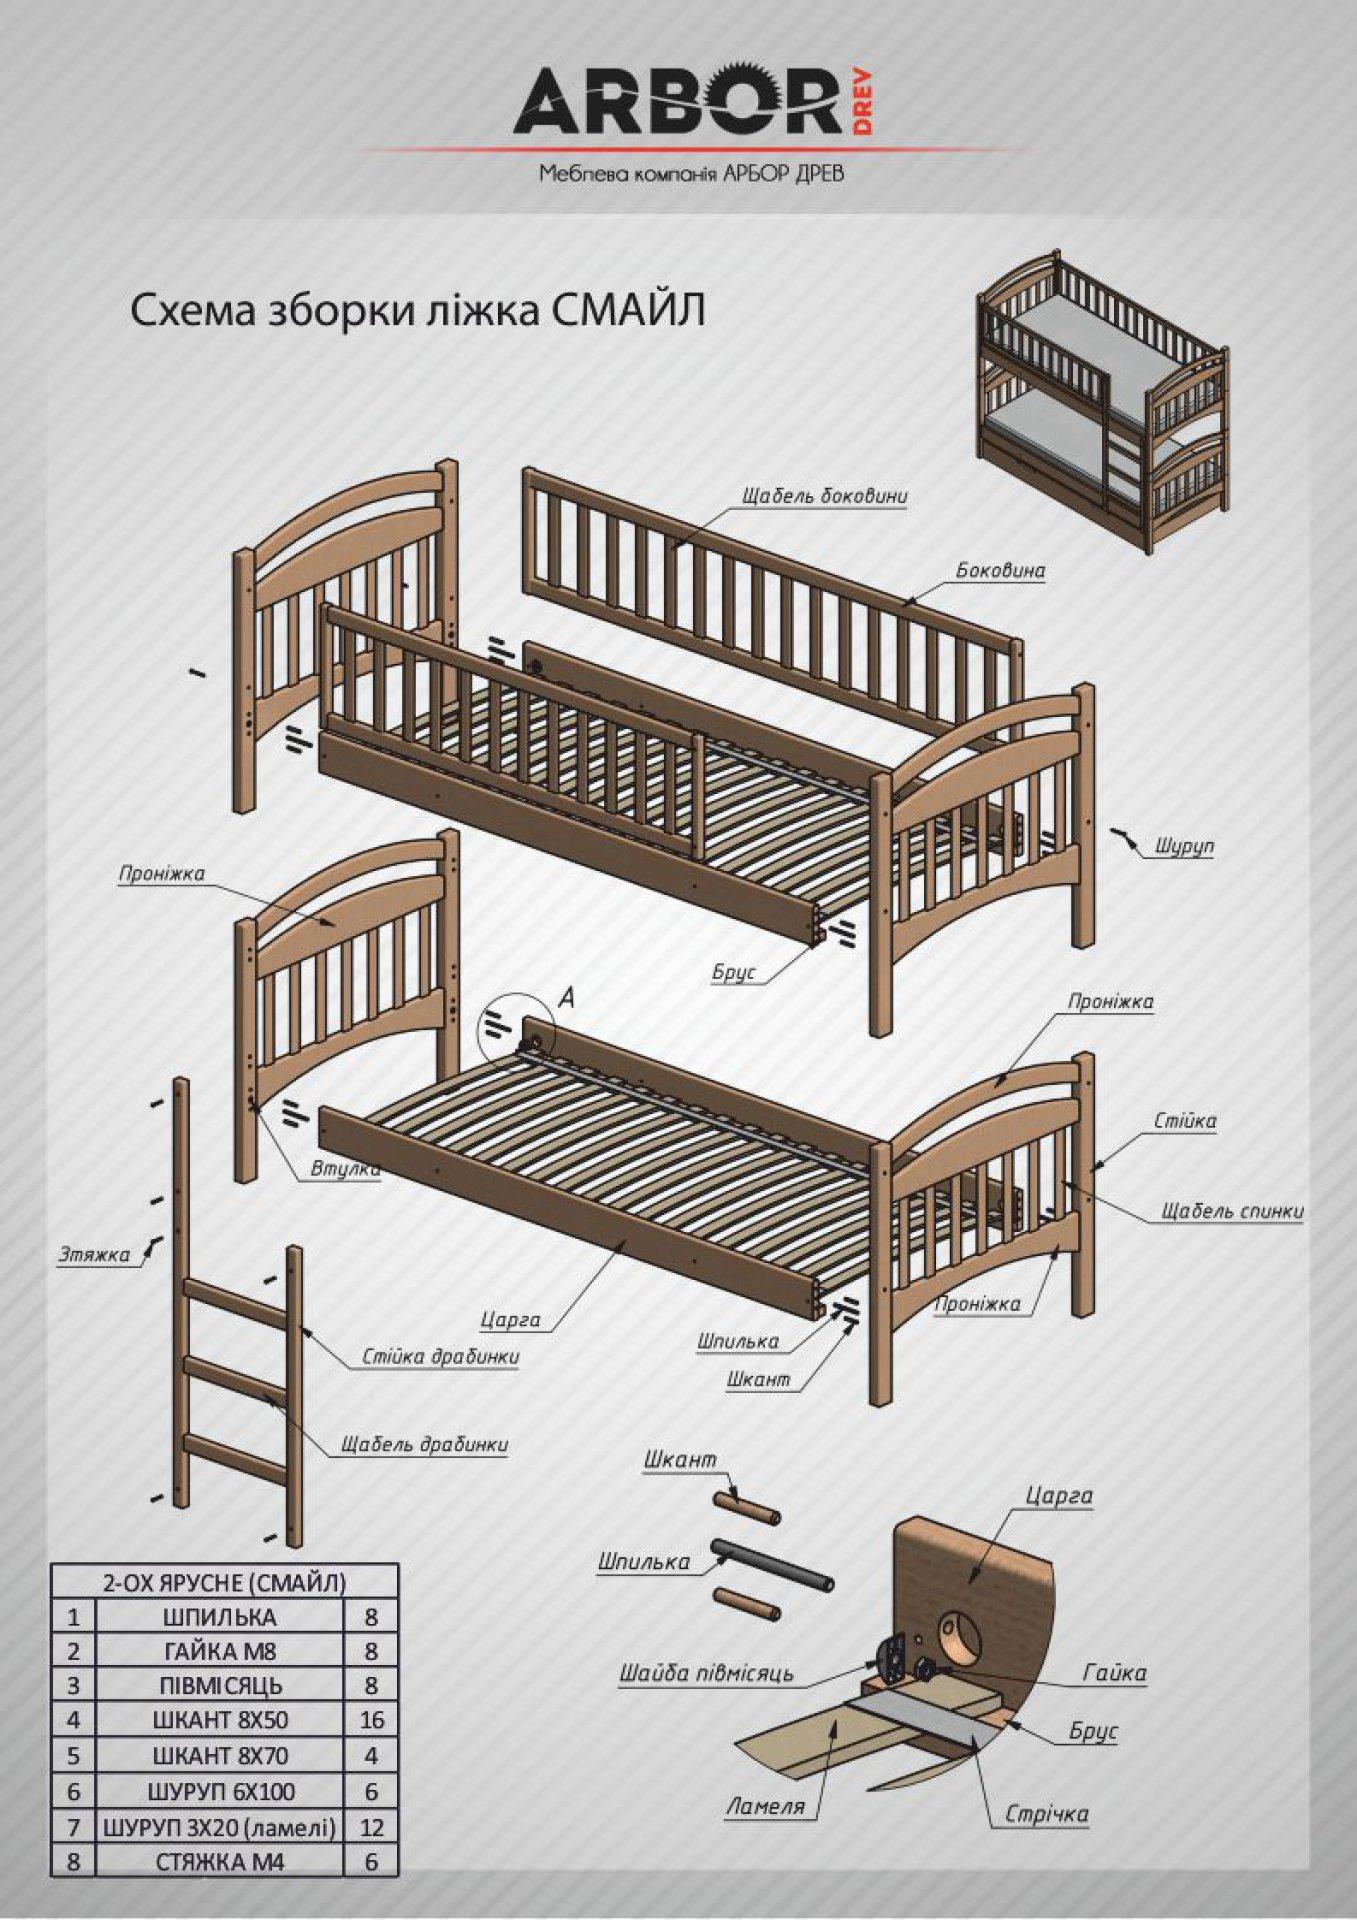 Кровать двухъярусная ат 9125 схема сборки